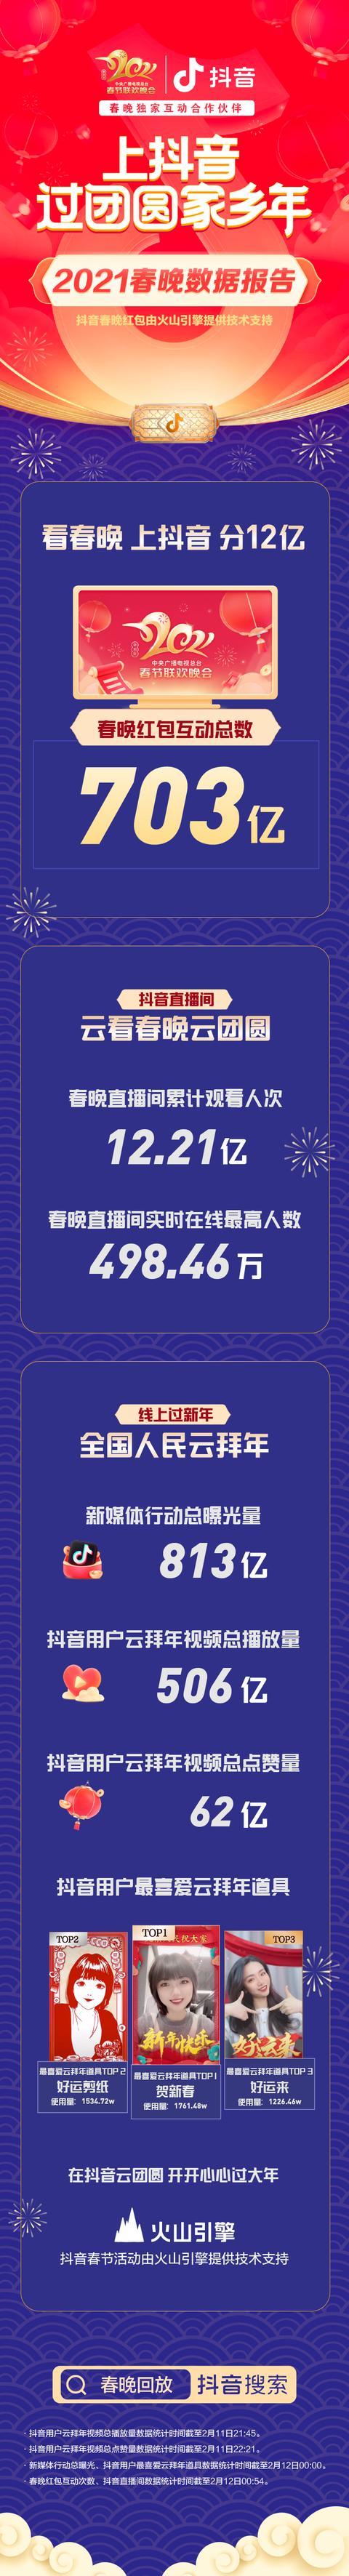 抖音春晚红包互动次数超703亿